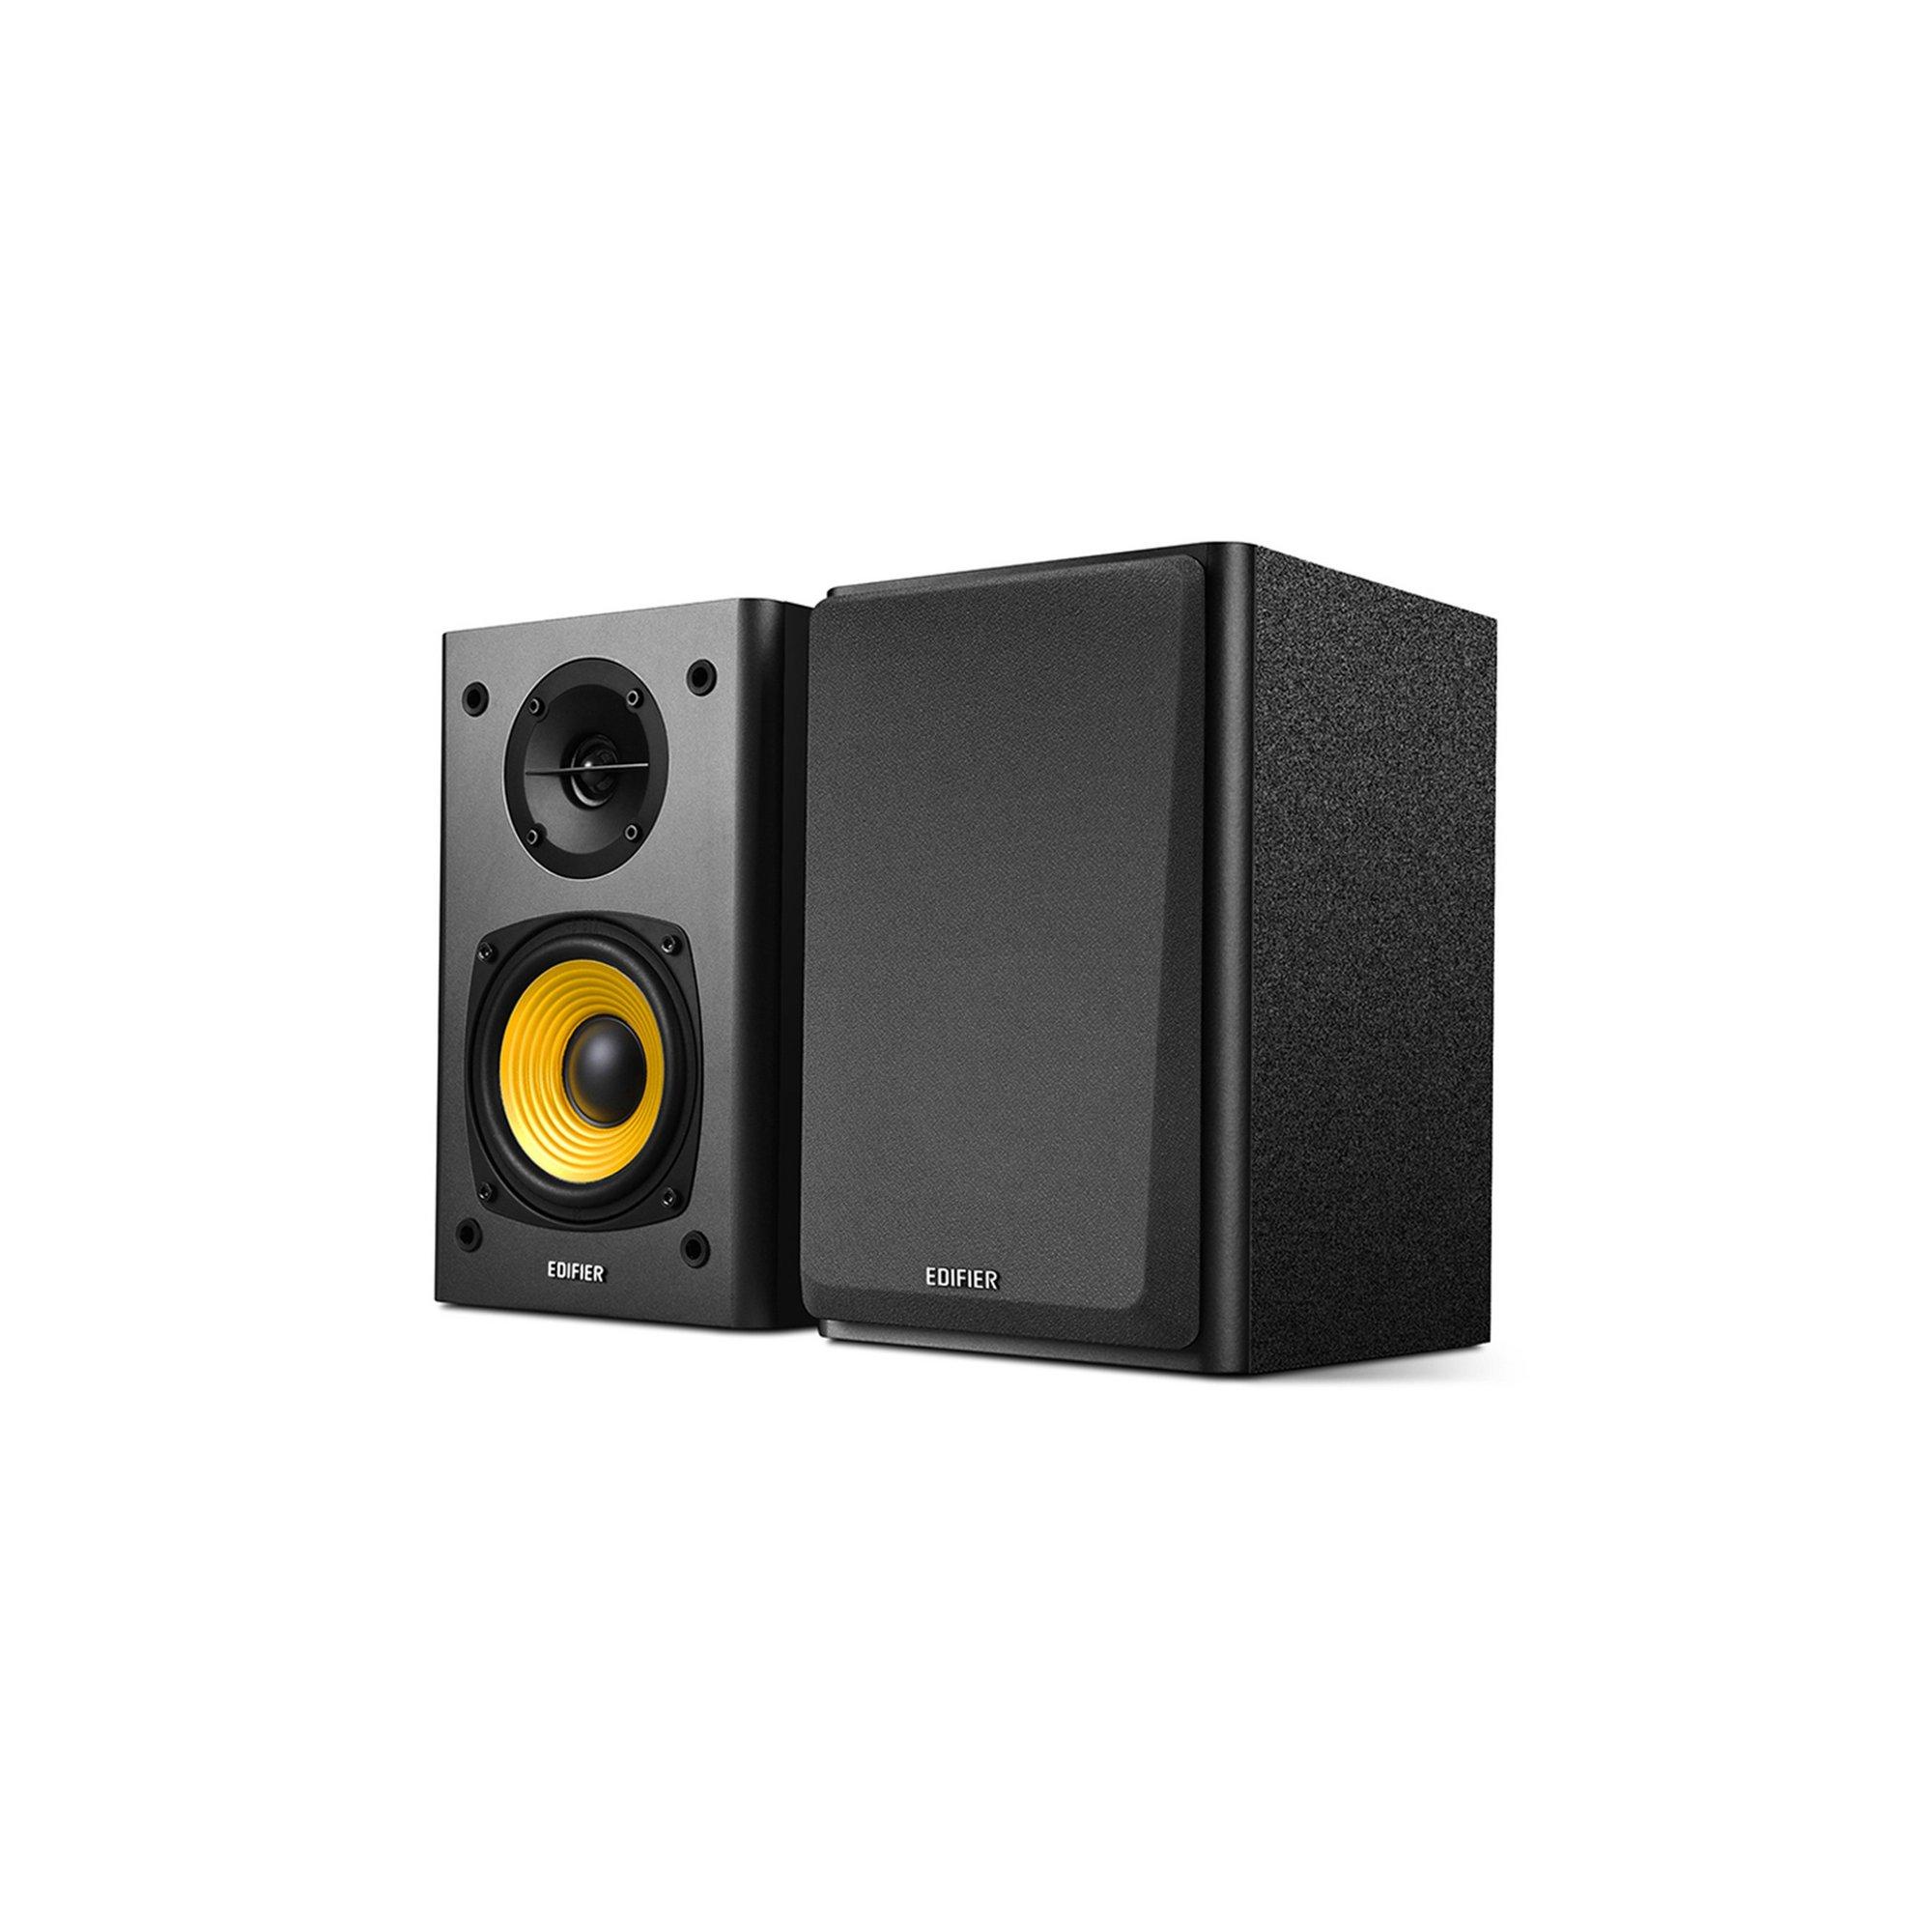 Image of Edifier R1000T4 Active 2.0 Bookshelf Speaker System